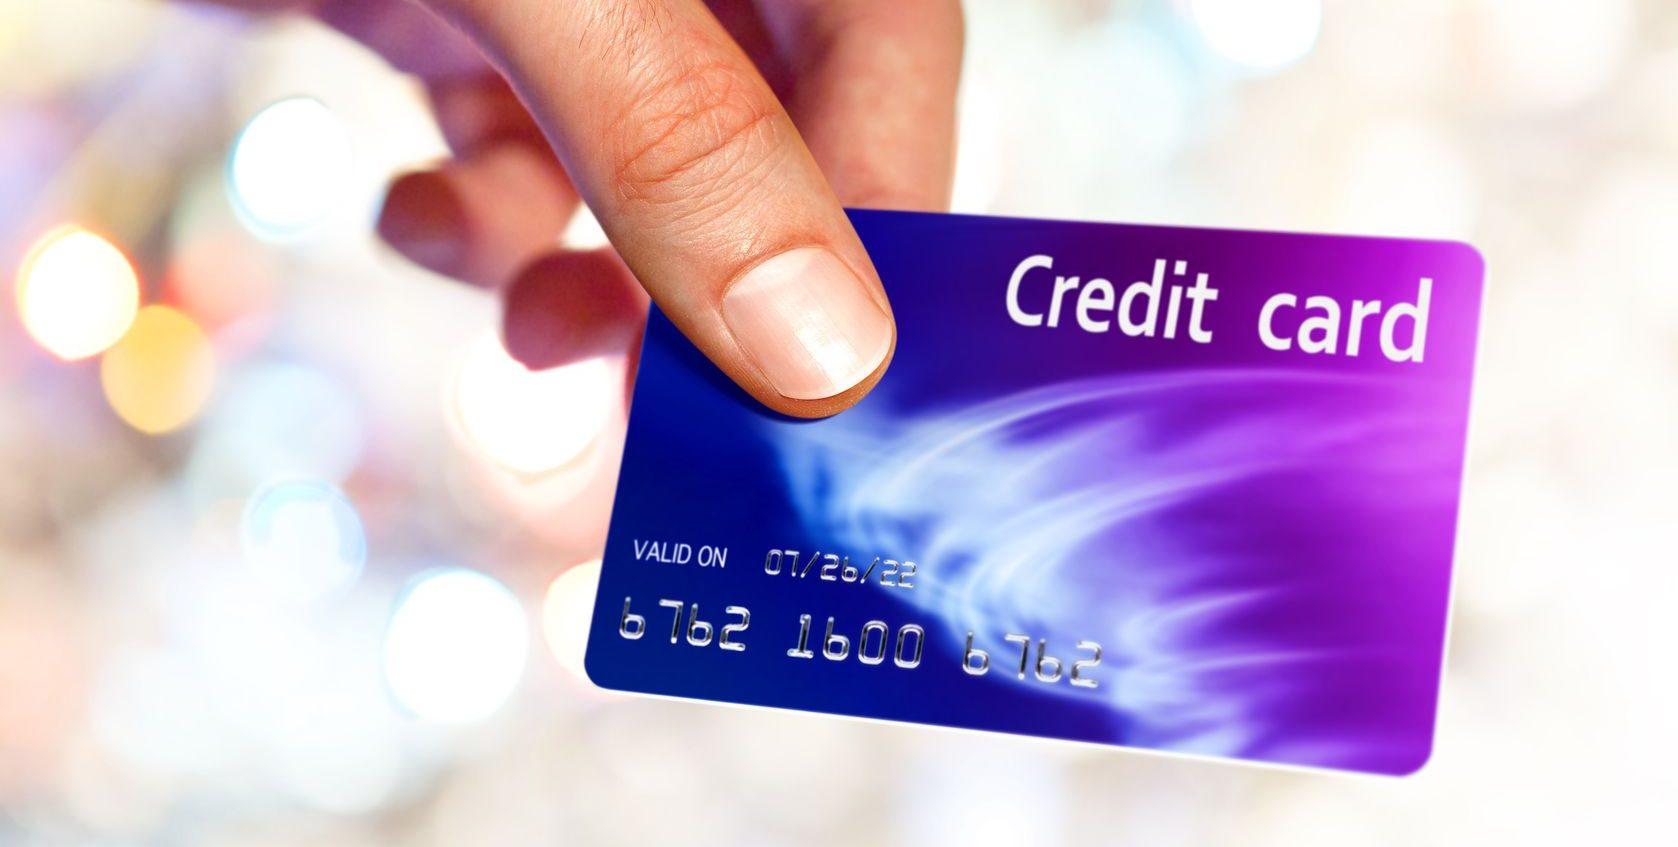 быстро получить кредитную карту